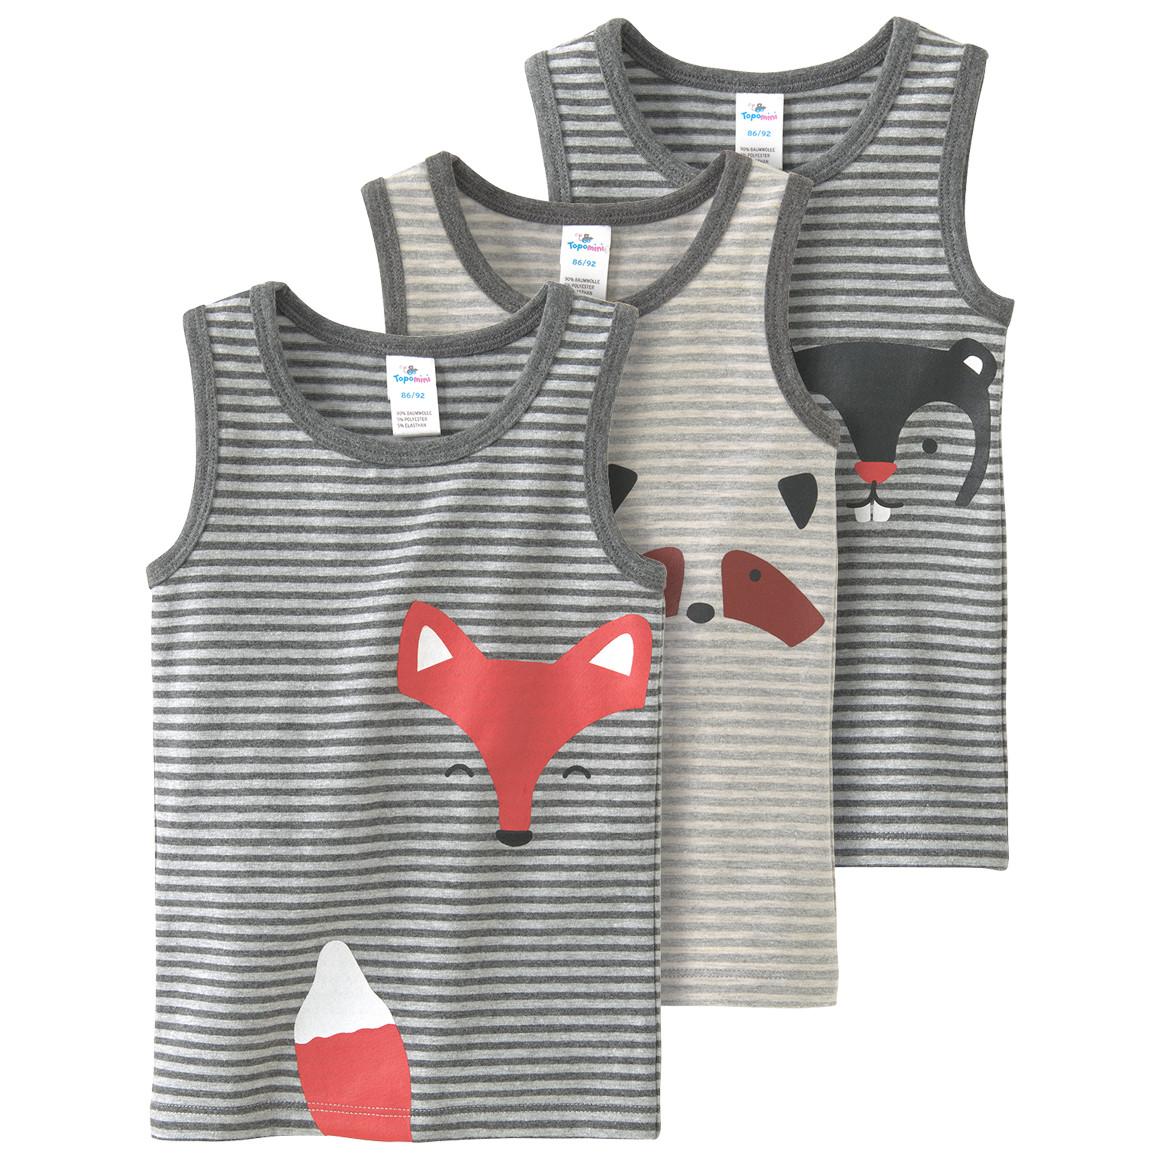 Babywaesche - 3 Baby Unterhemden mit tierischen Motiven - Onlineshop Ernstings family